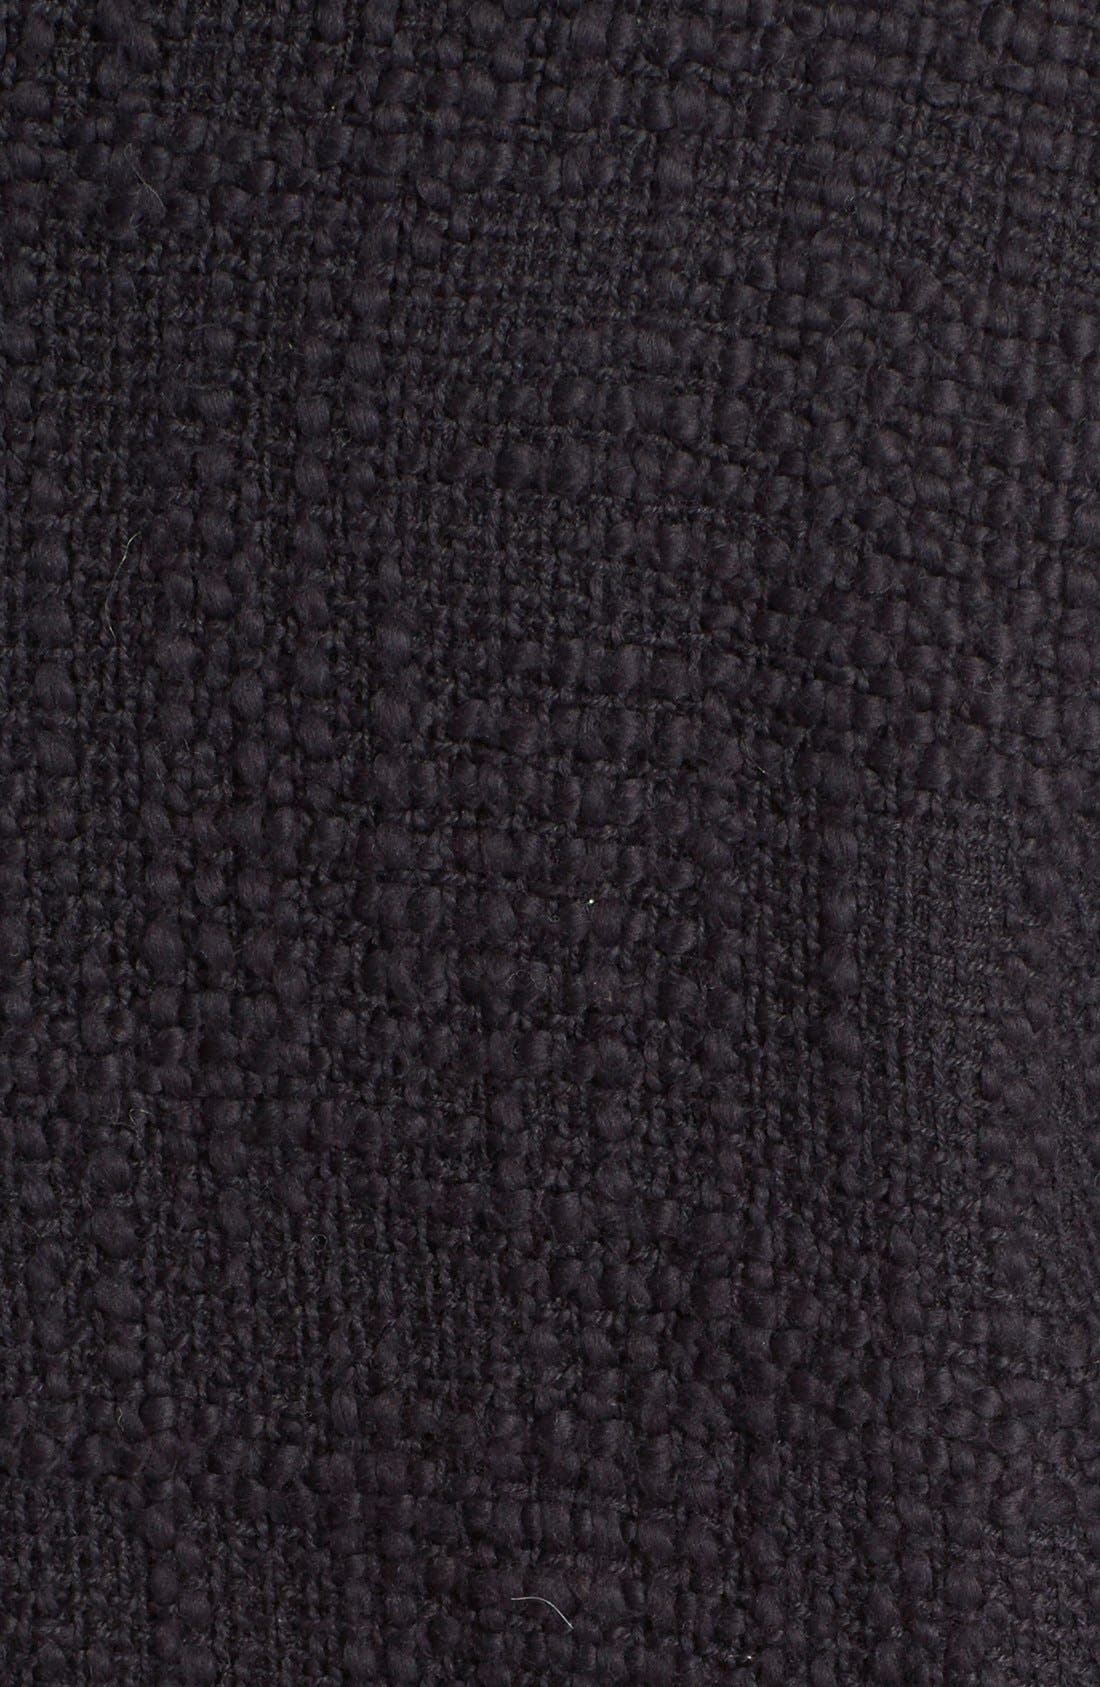 Alternate Image 3  - IRO 'Cauley' Oversize Cardigan Jacket